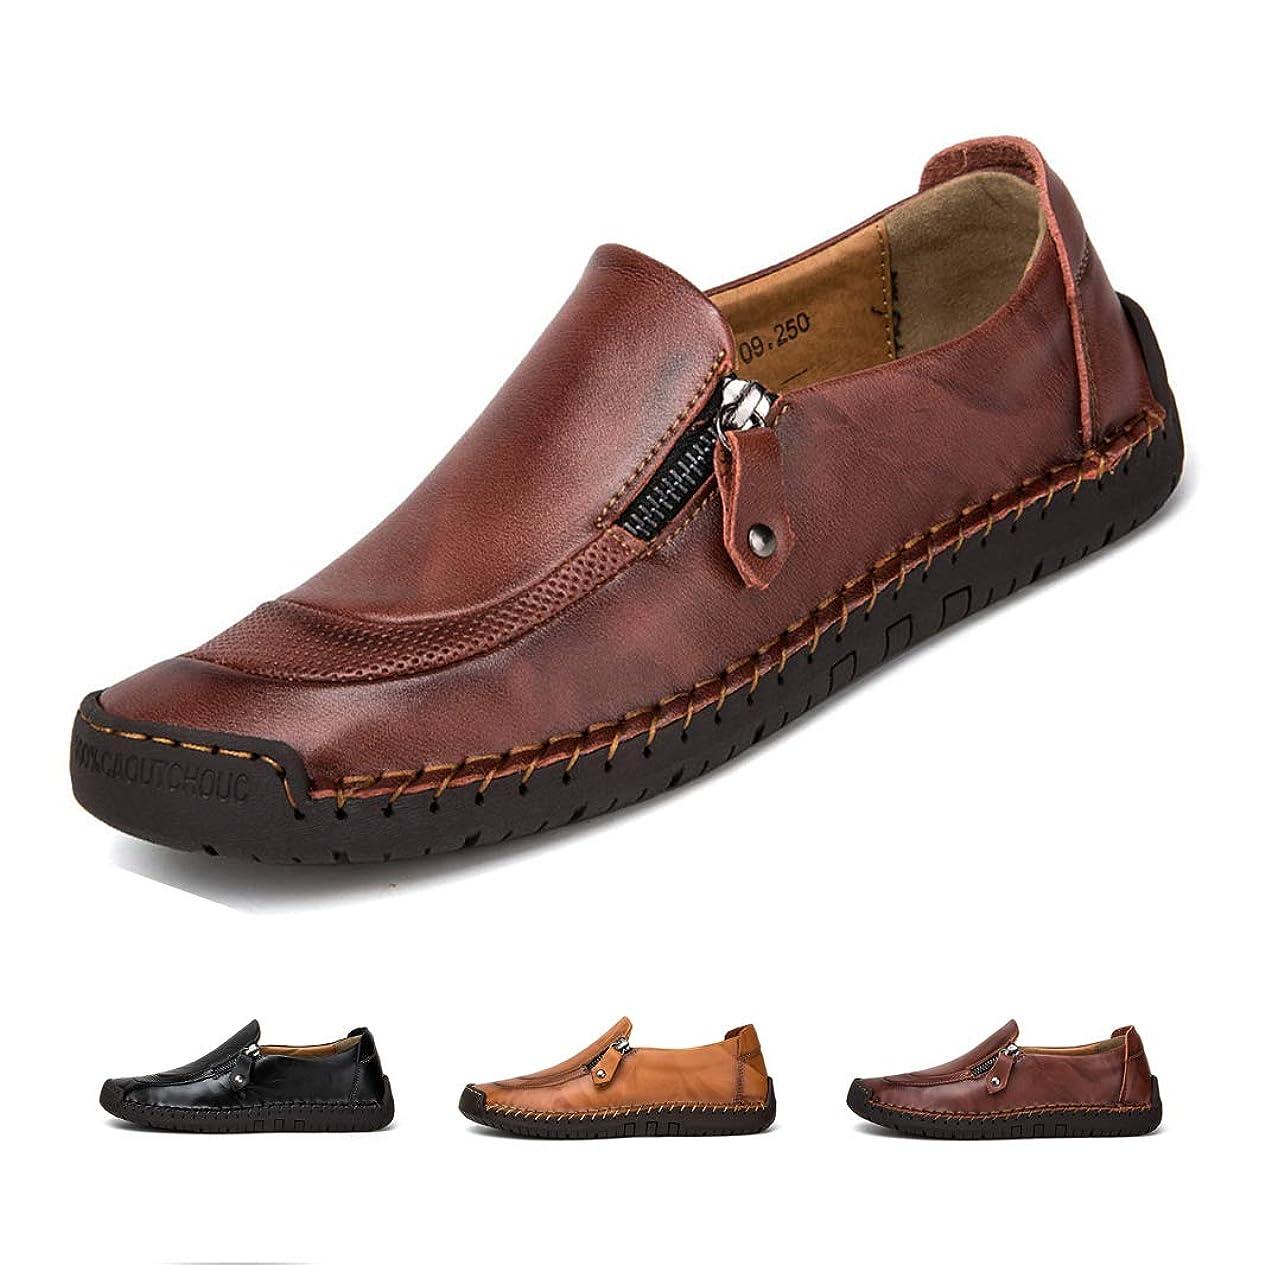 絶縁する白い導体[Ziitop] カジュアルシューズ メンズ ビジネスシューズ 本革 ローファー 紳士靴 革靴 スリップオン ウォーキング 通気性 ドライビングシューズ